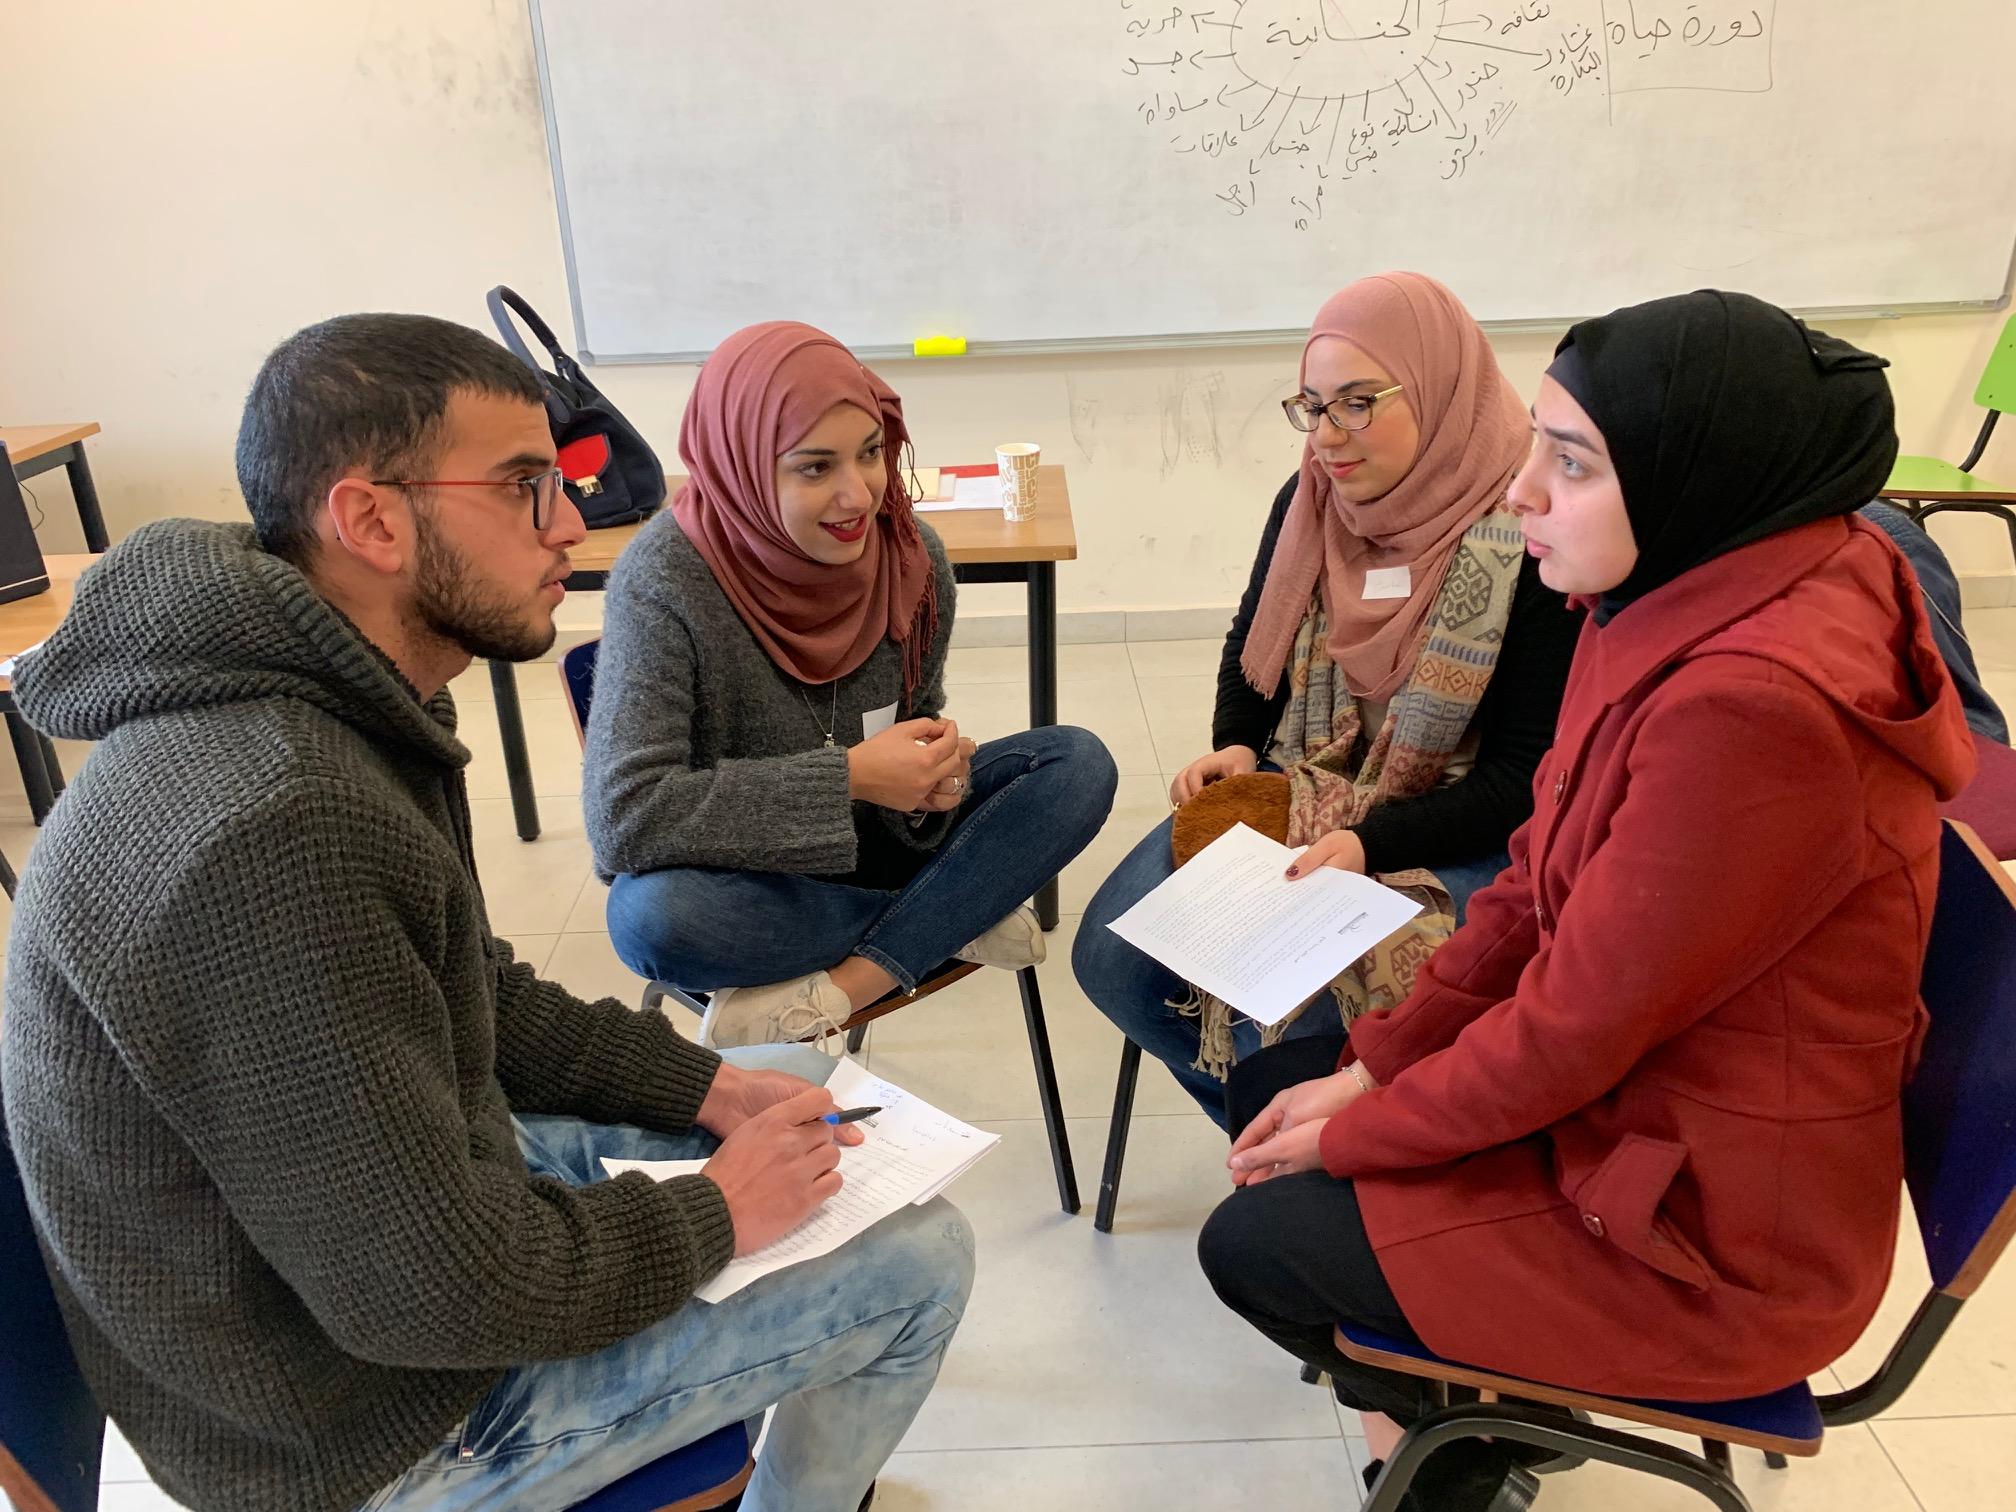 منتدى الجنسانية يختتم تدريباً في الجنسانية لمجموعة طلبة بجامعة بيرزيت